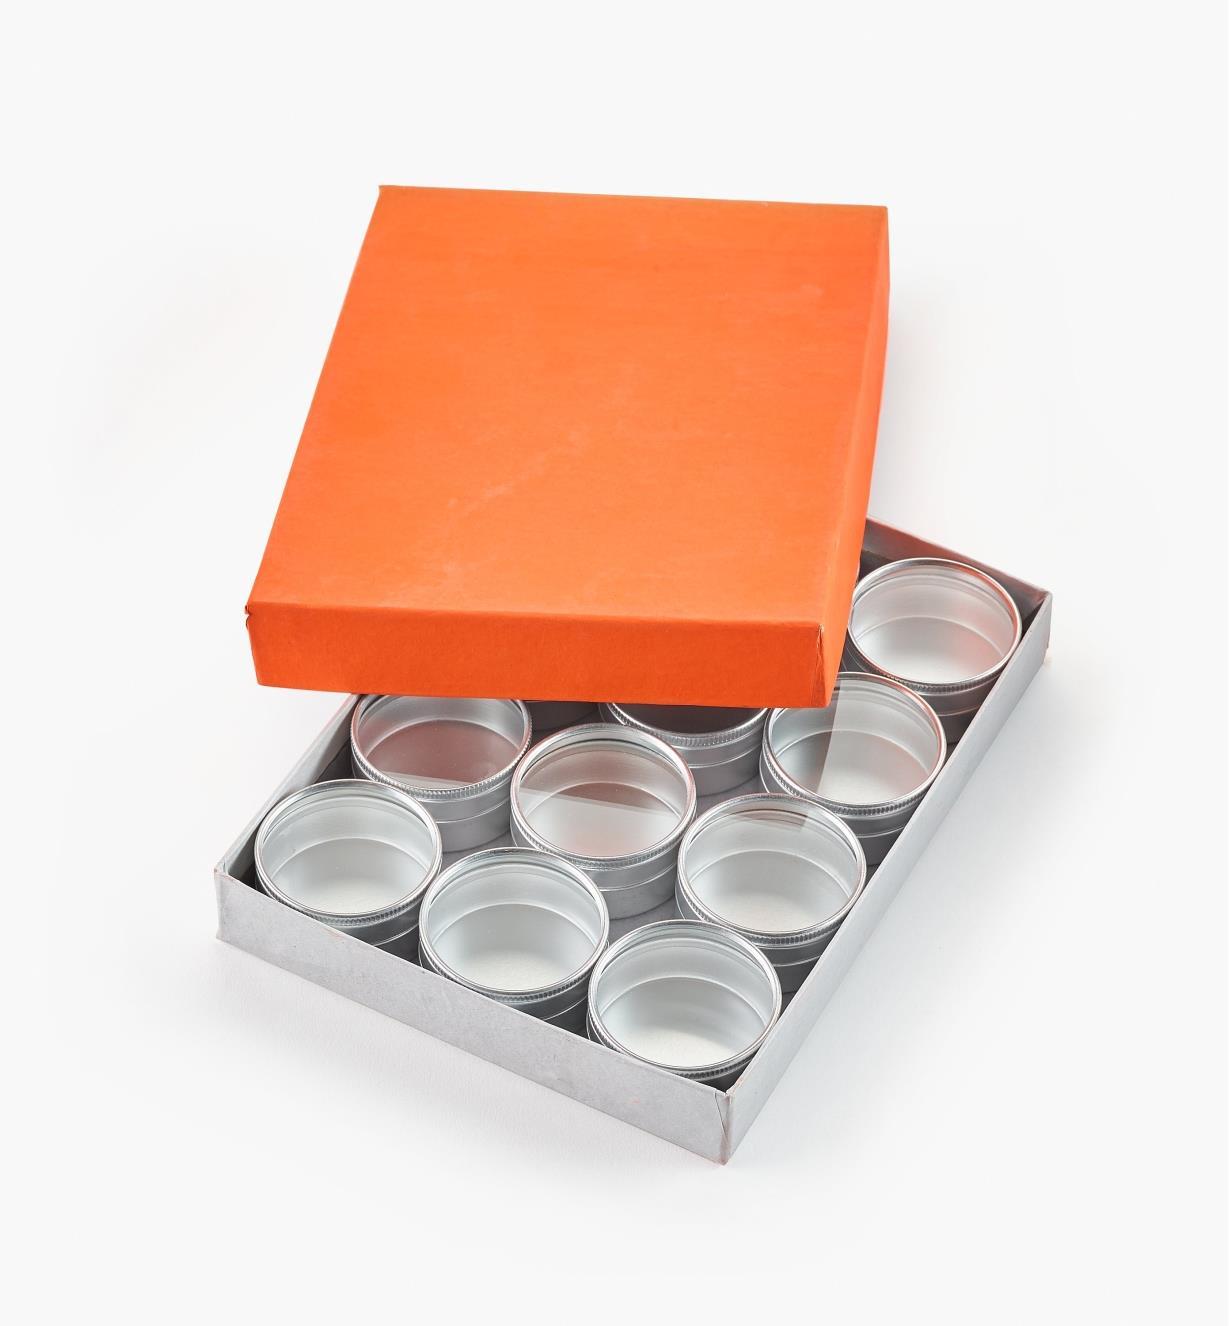 27K5048 - Lot de 12petites boîtes de 48mm